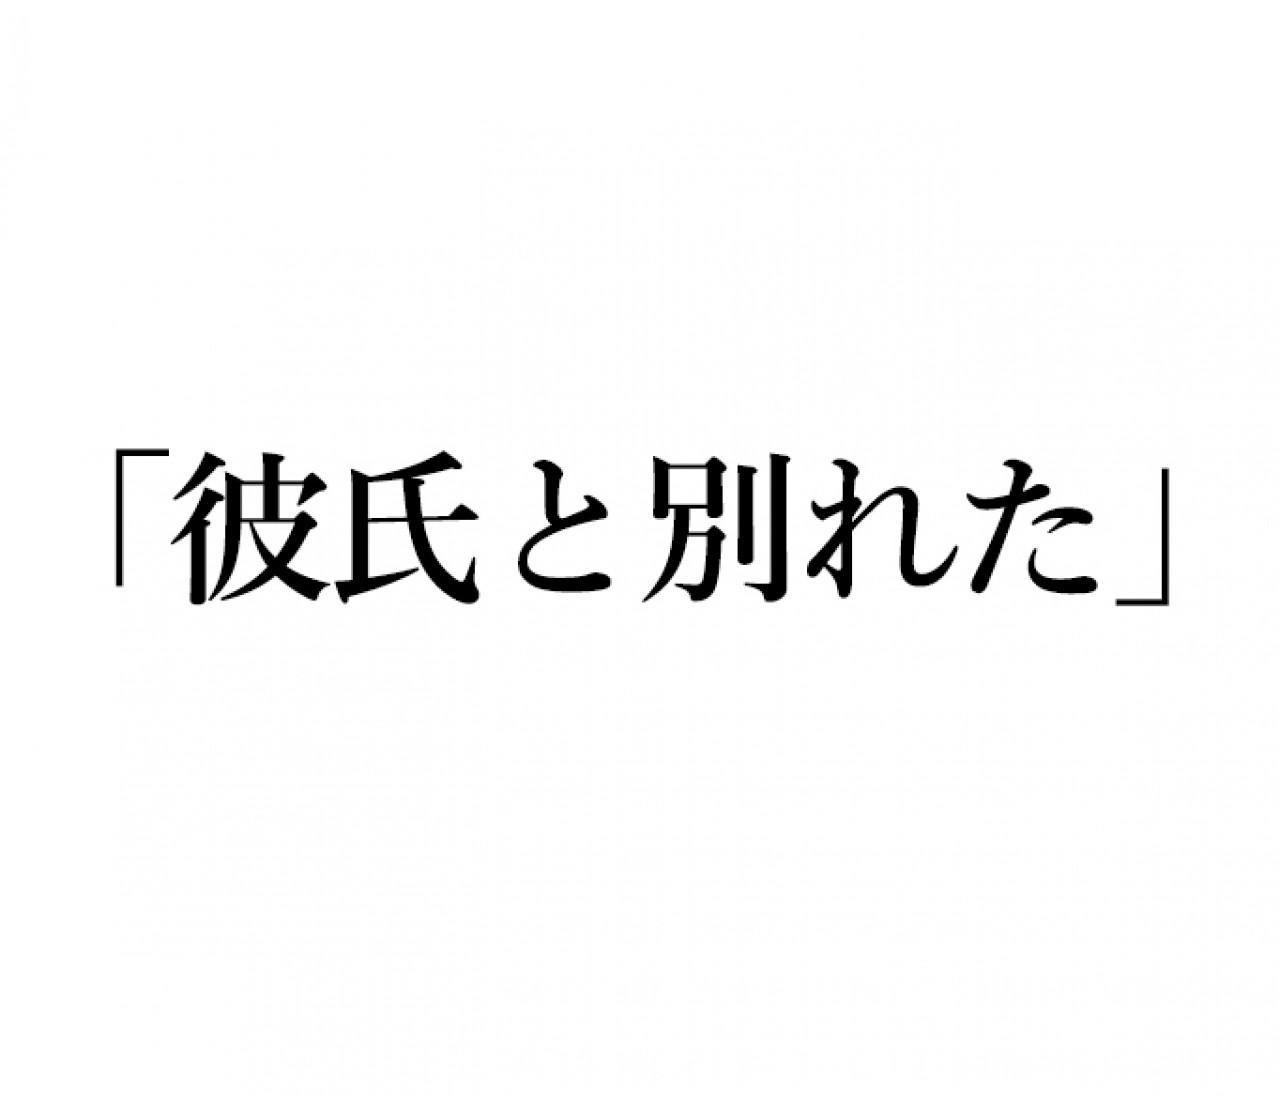 【英語クイズ】「彼氏と別れた」は英語でなんて言う?